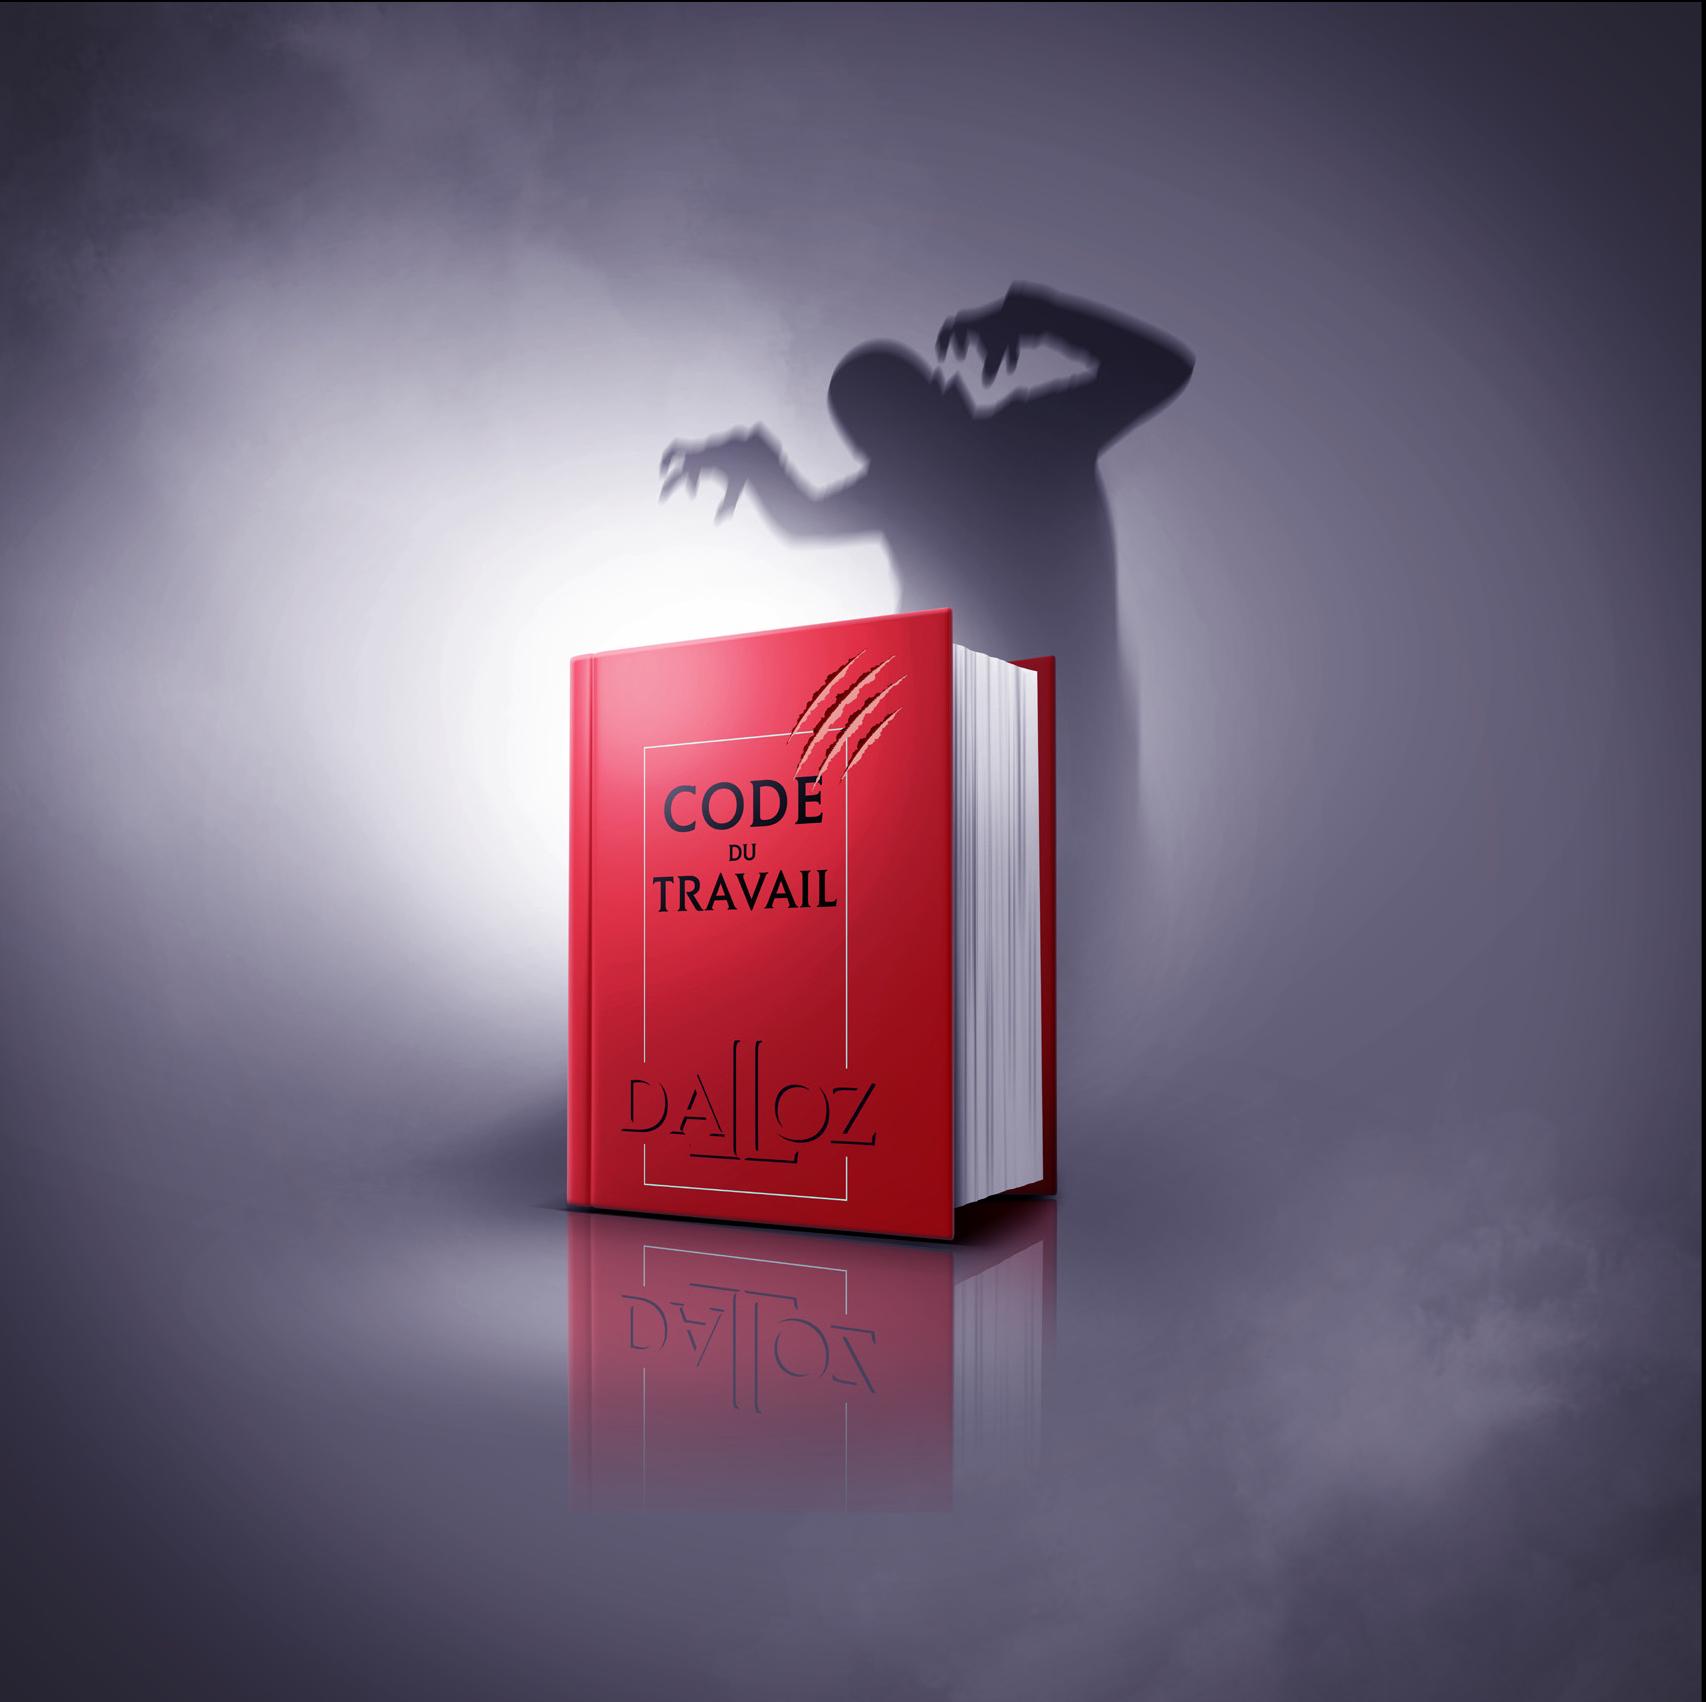 attaque_code_travail.jpg